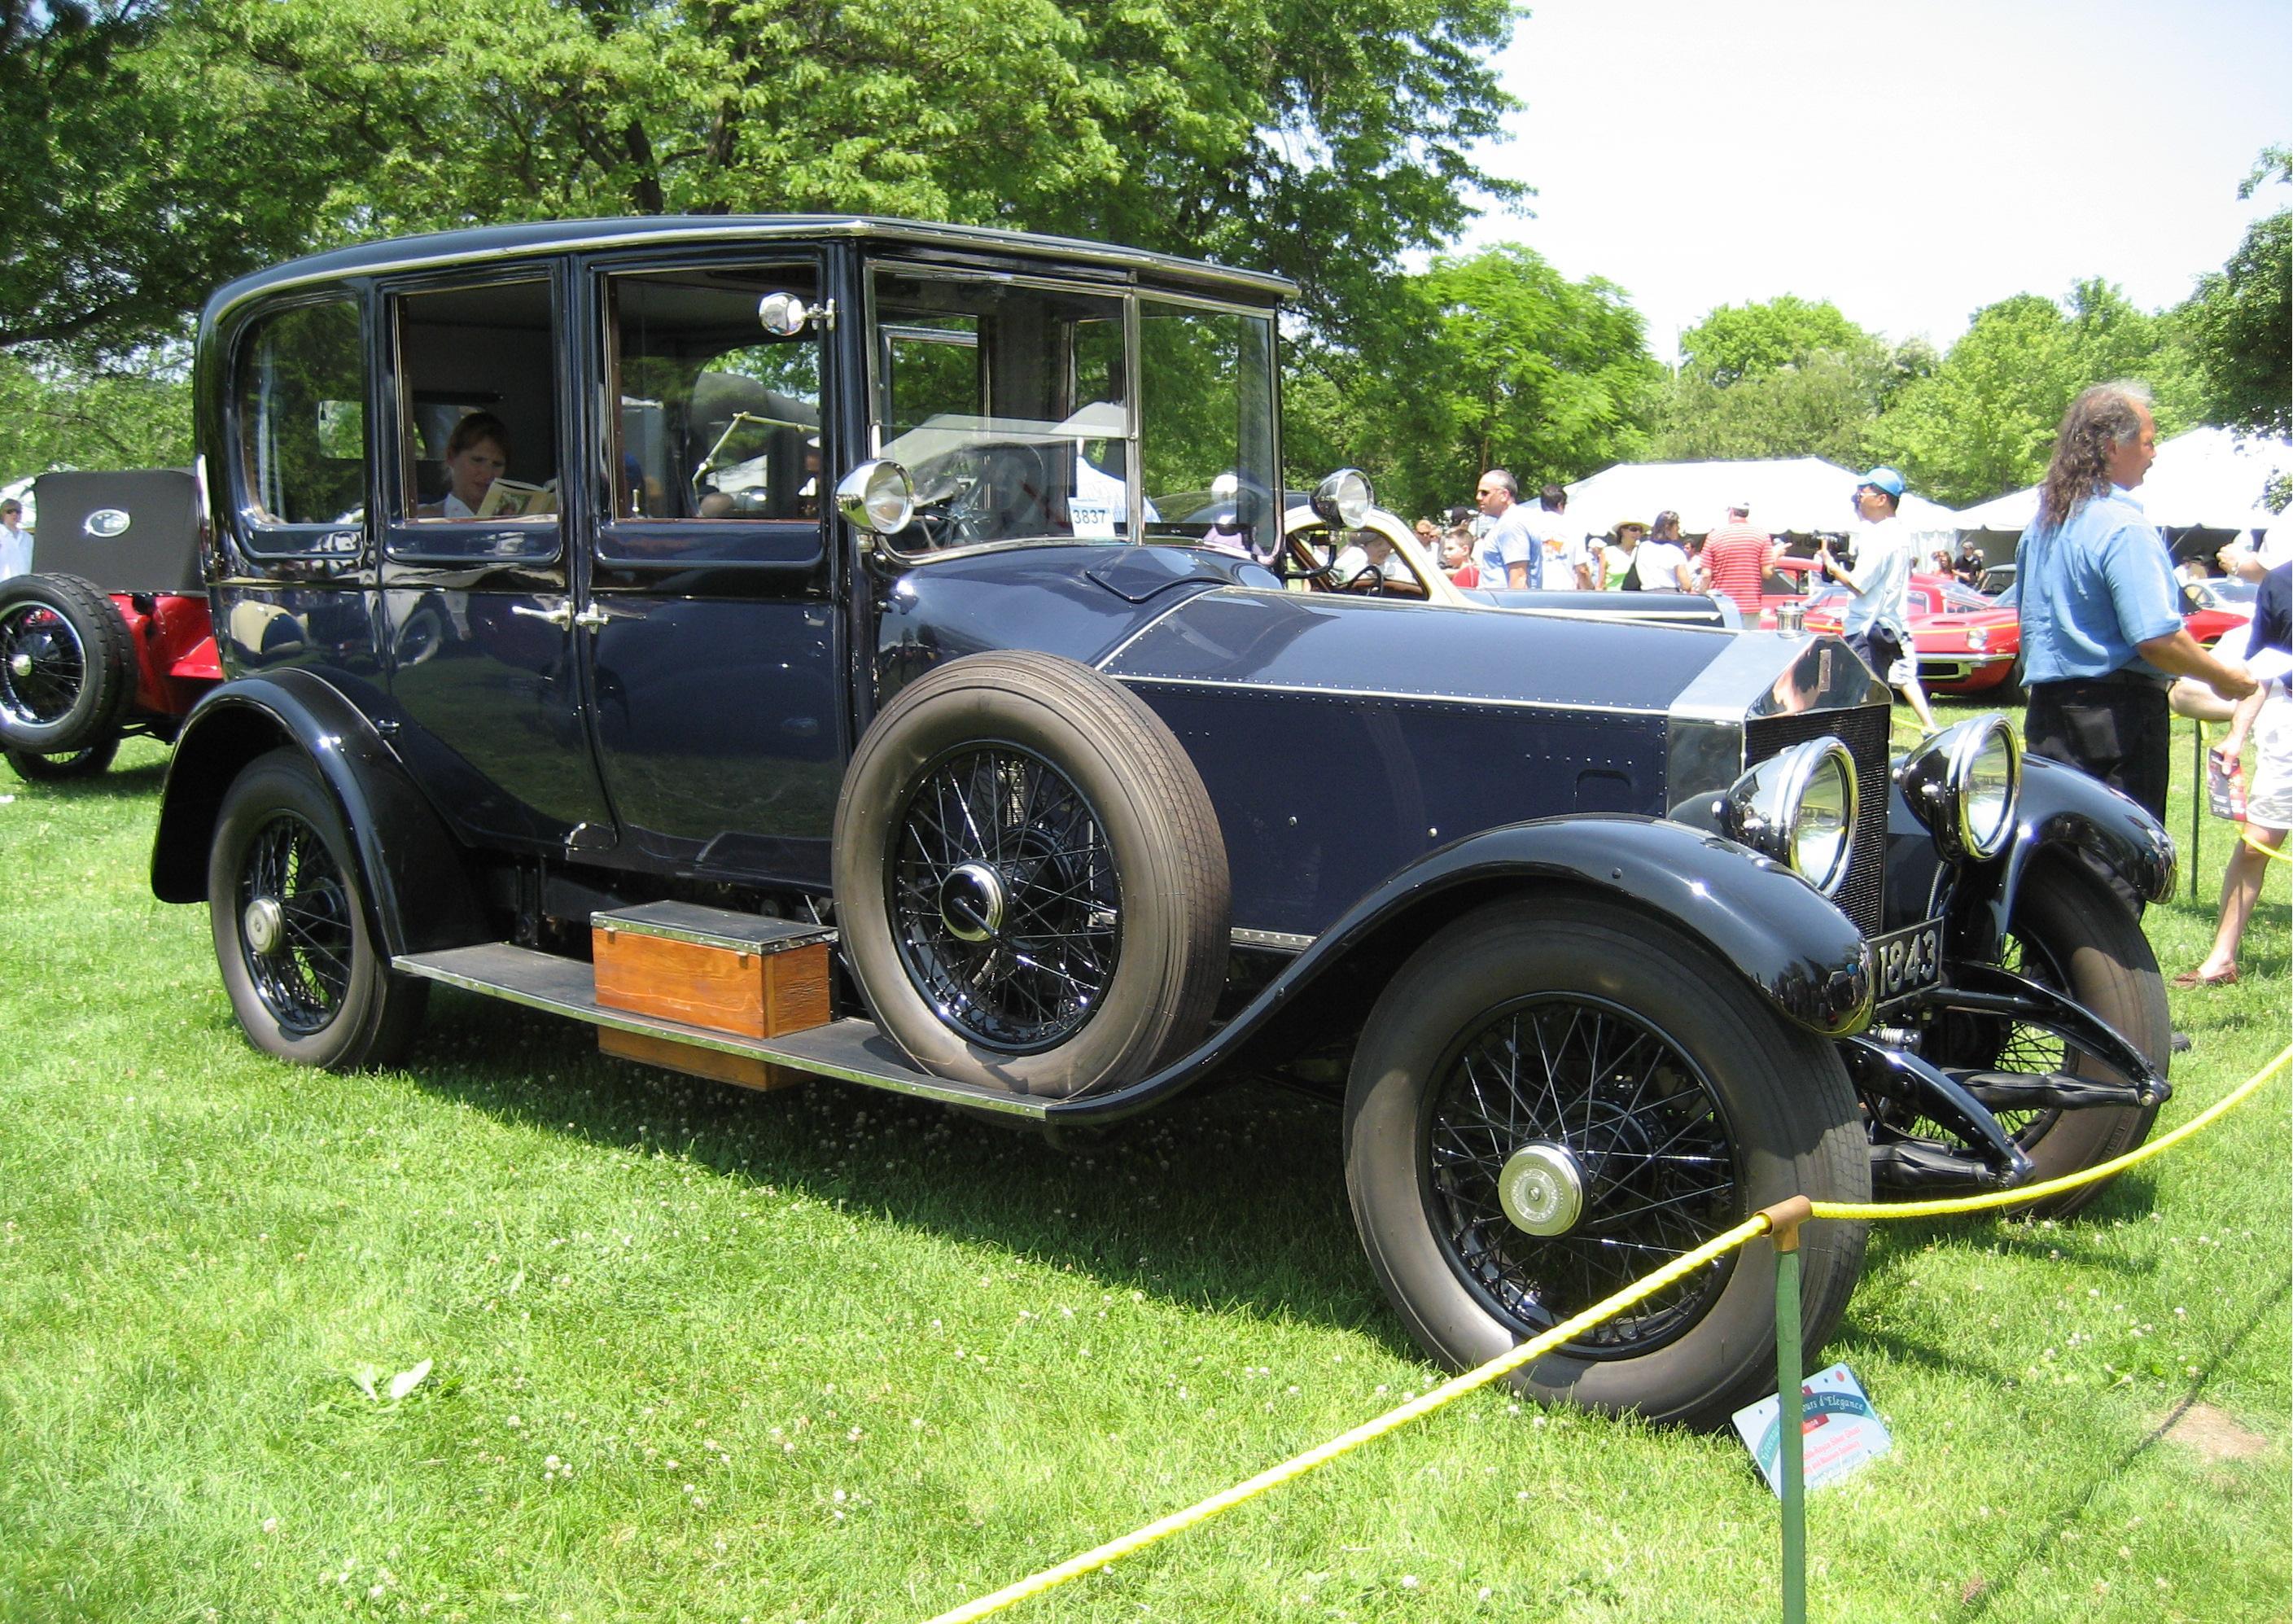 Archivo:1920 Rolls-Royce Silver Ghost.JPG - Wikipedia, la ...